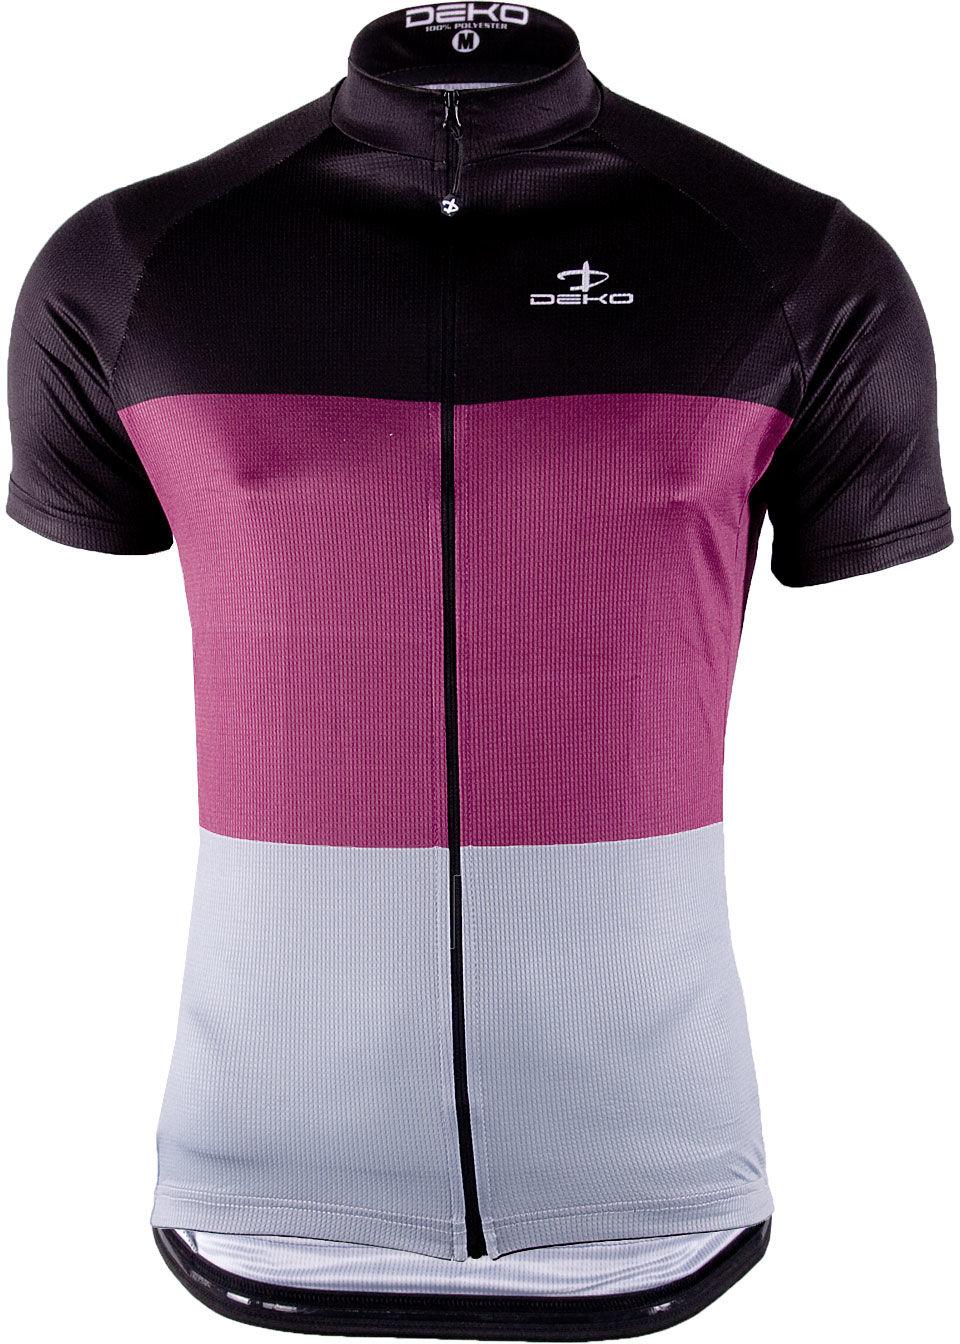 DEKO męska koszulka rowerowa krótki rękaw Bordowy MNK-002-03 Rozmiar: XL,deko-mnk-002-03-burg